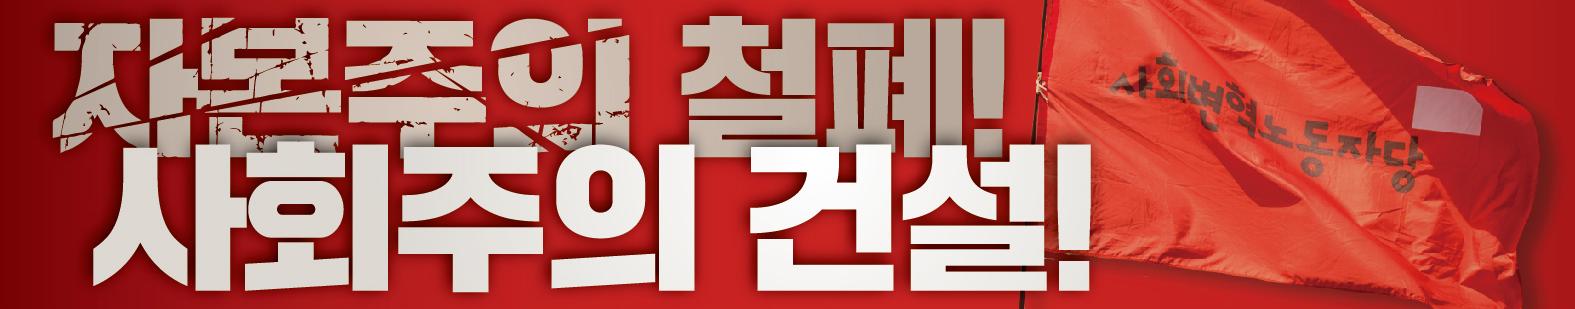 2018총회메인현수막.jpg